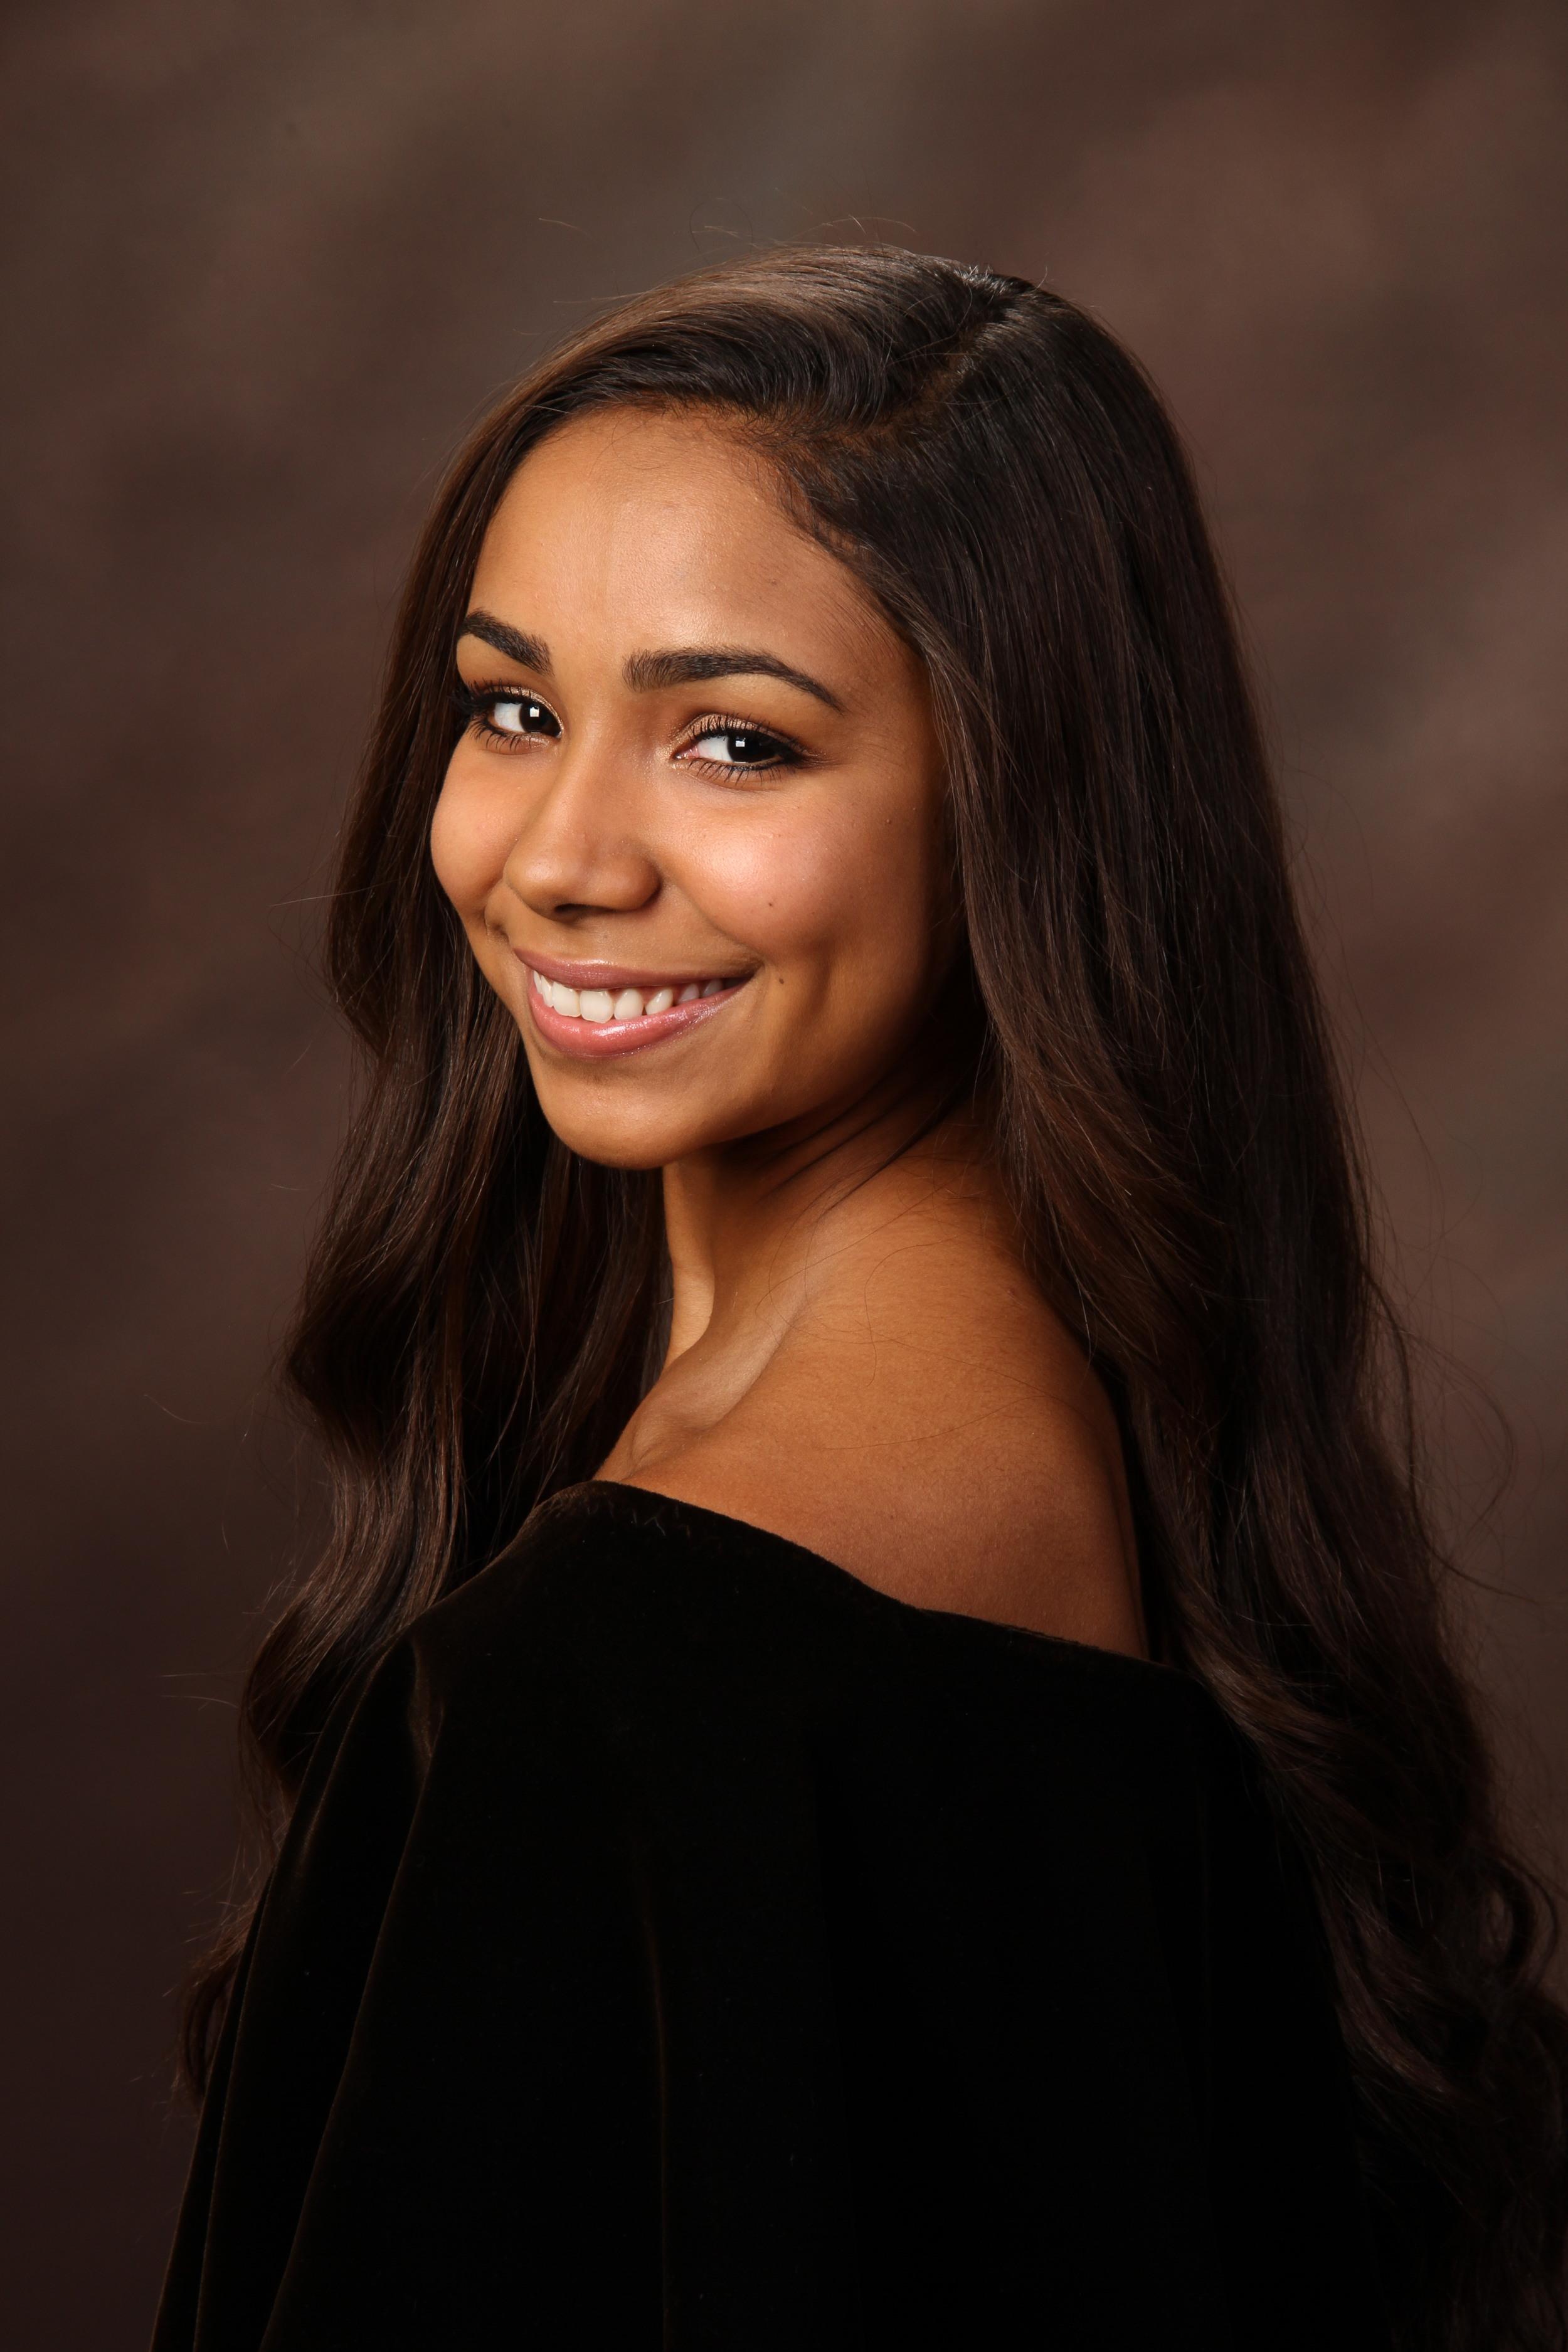 Girl Formal Senior Portrait 4